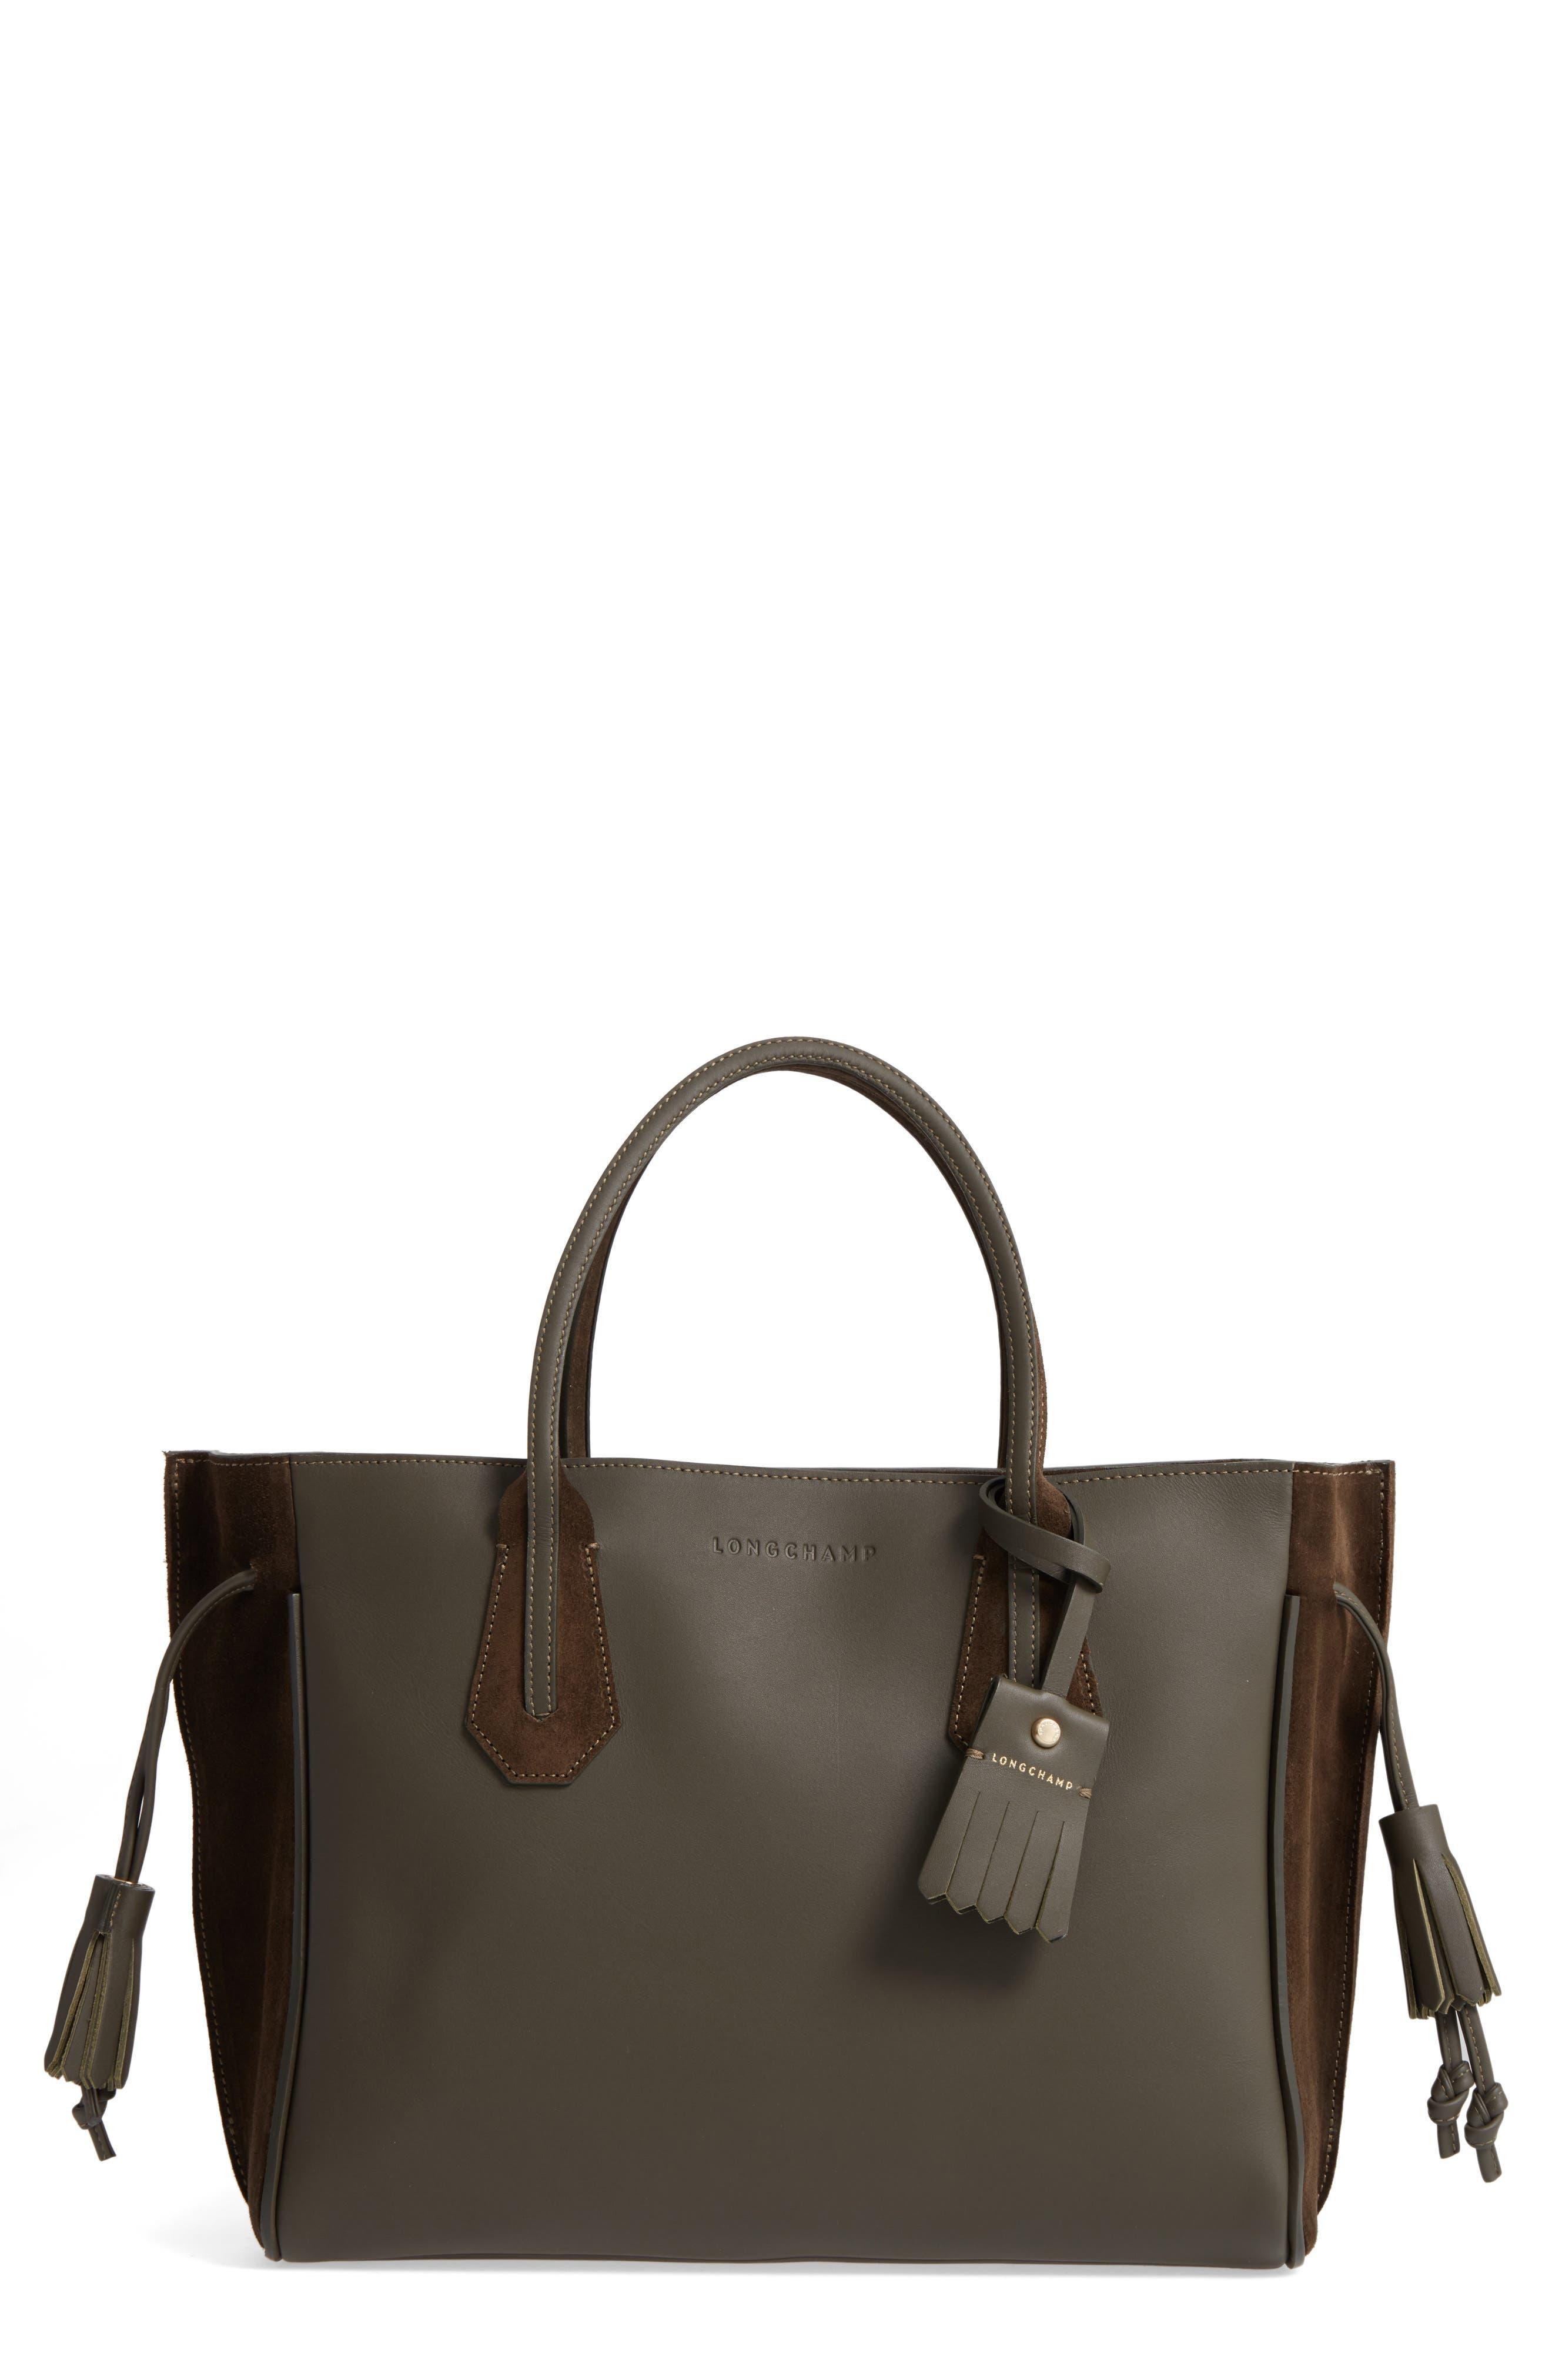 Main Image - Longchamp Penelope Top Handle Tote